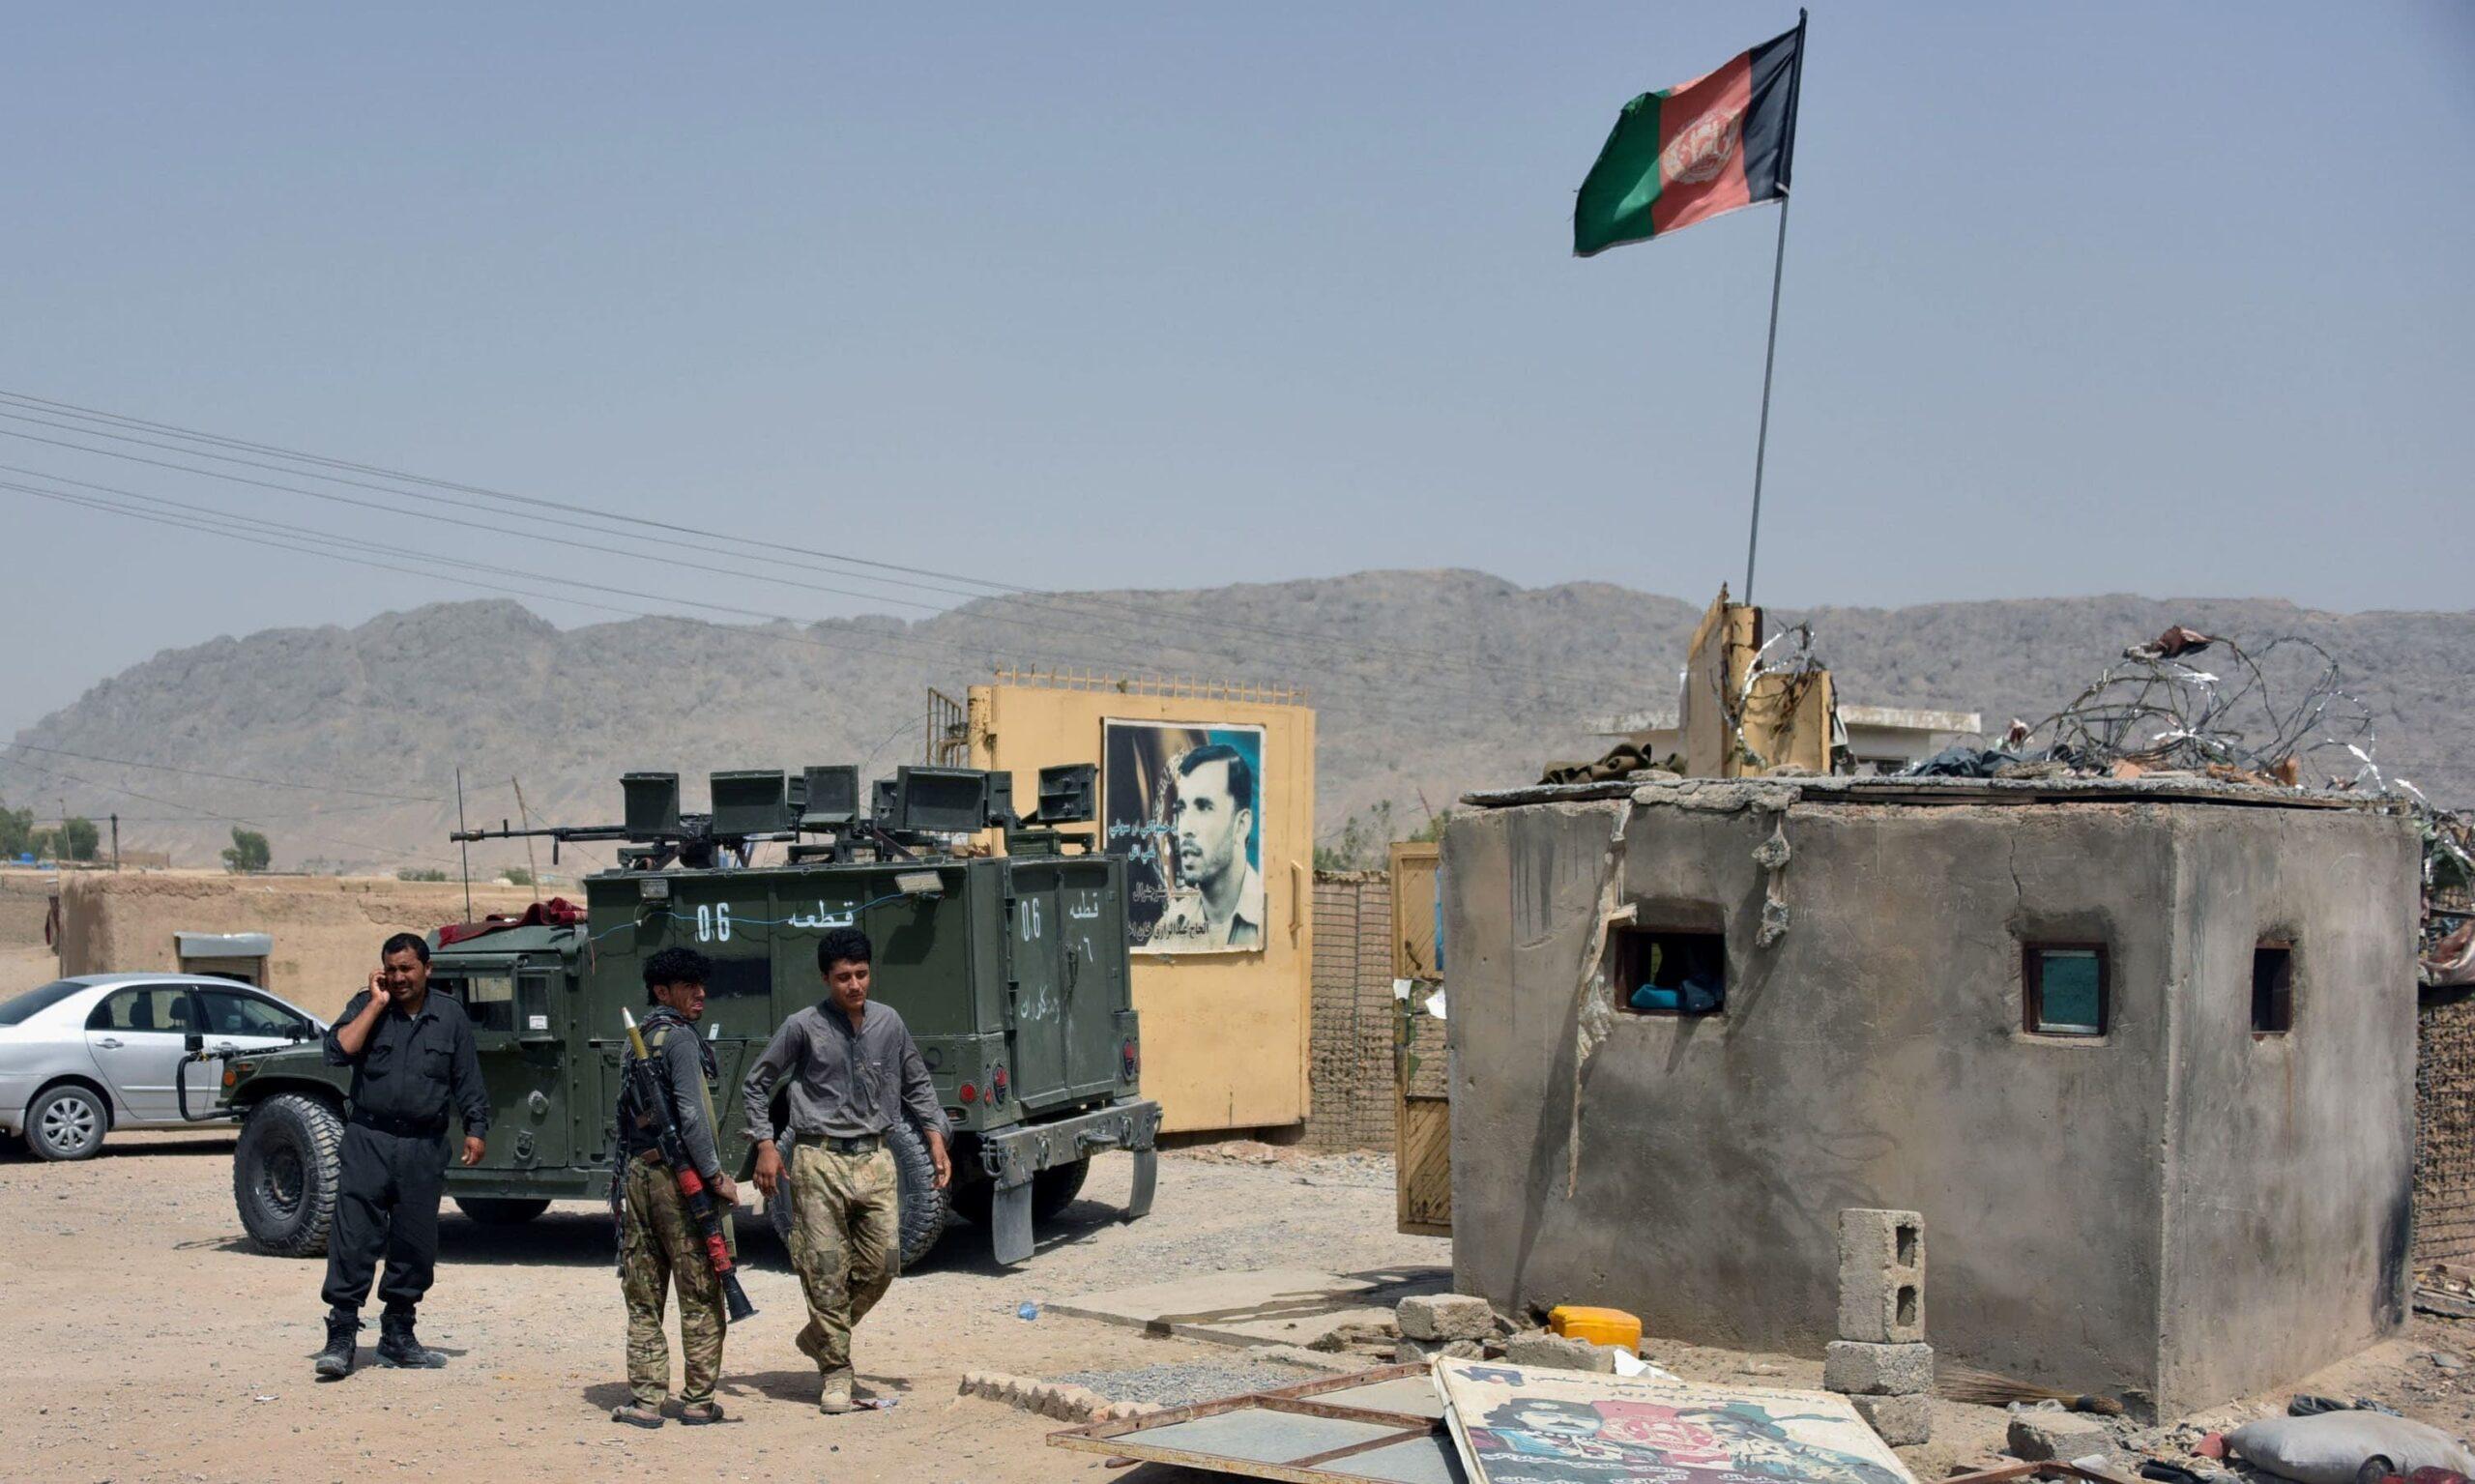 کیا طالبان کا اگلا ٹارگٹ کشمیر ہے؟؟؟